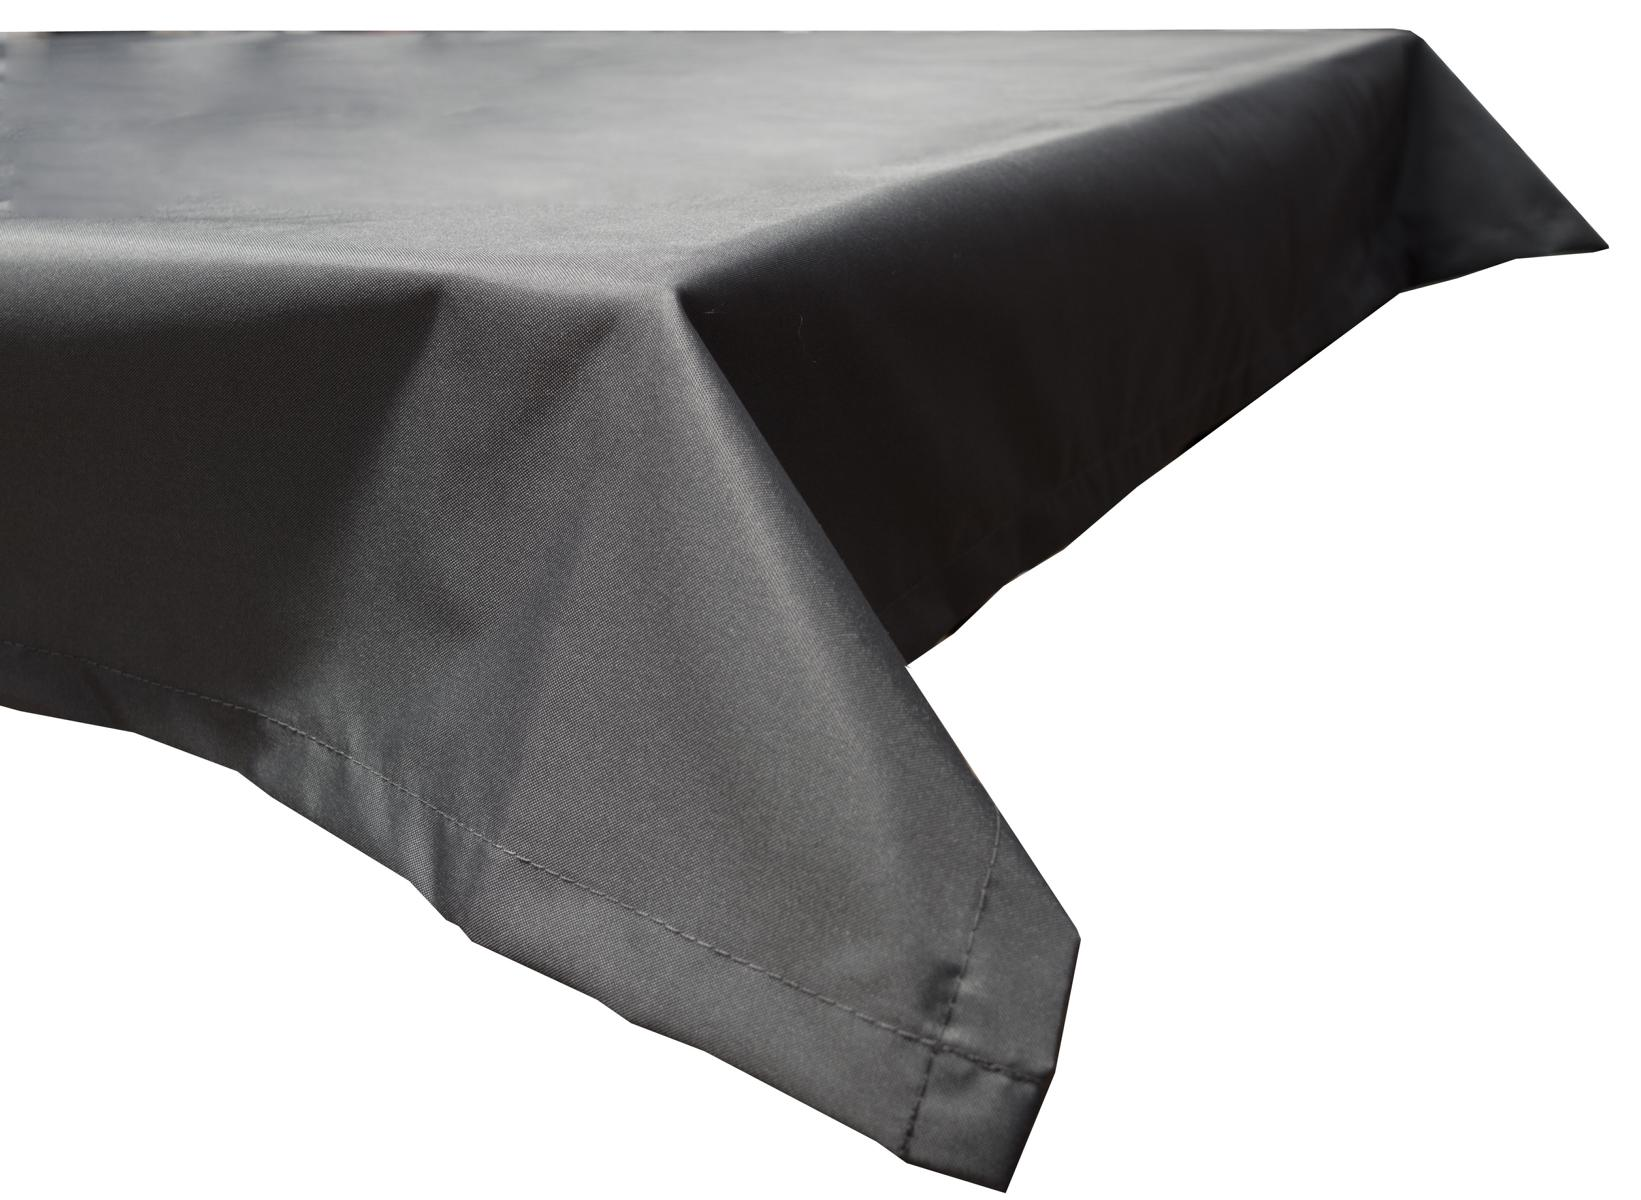 Wasserabweisende Tischdecke 100% Polyester in anthrazit 110x140 cm